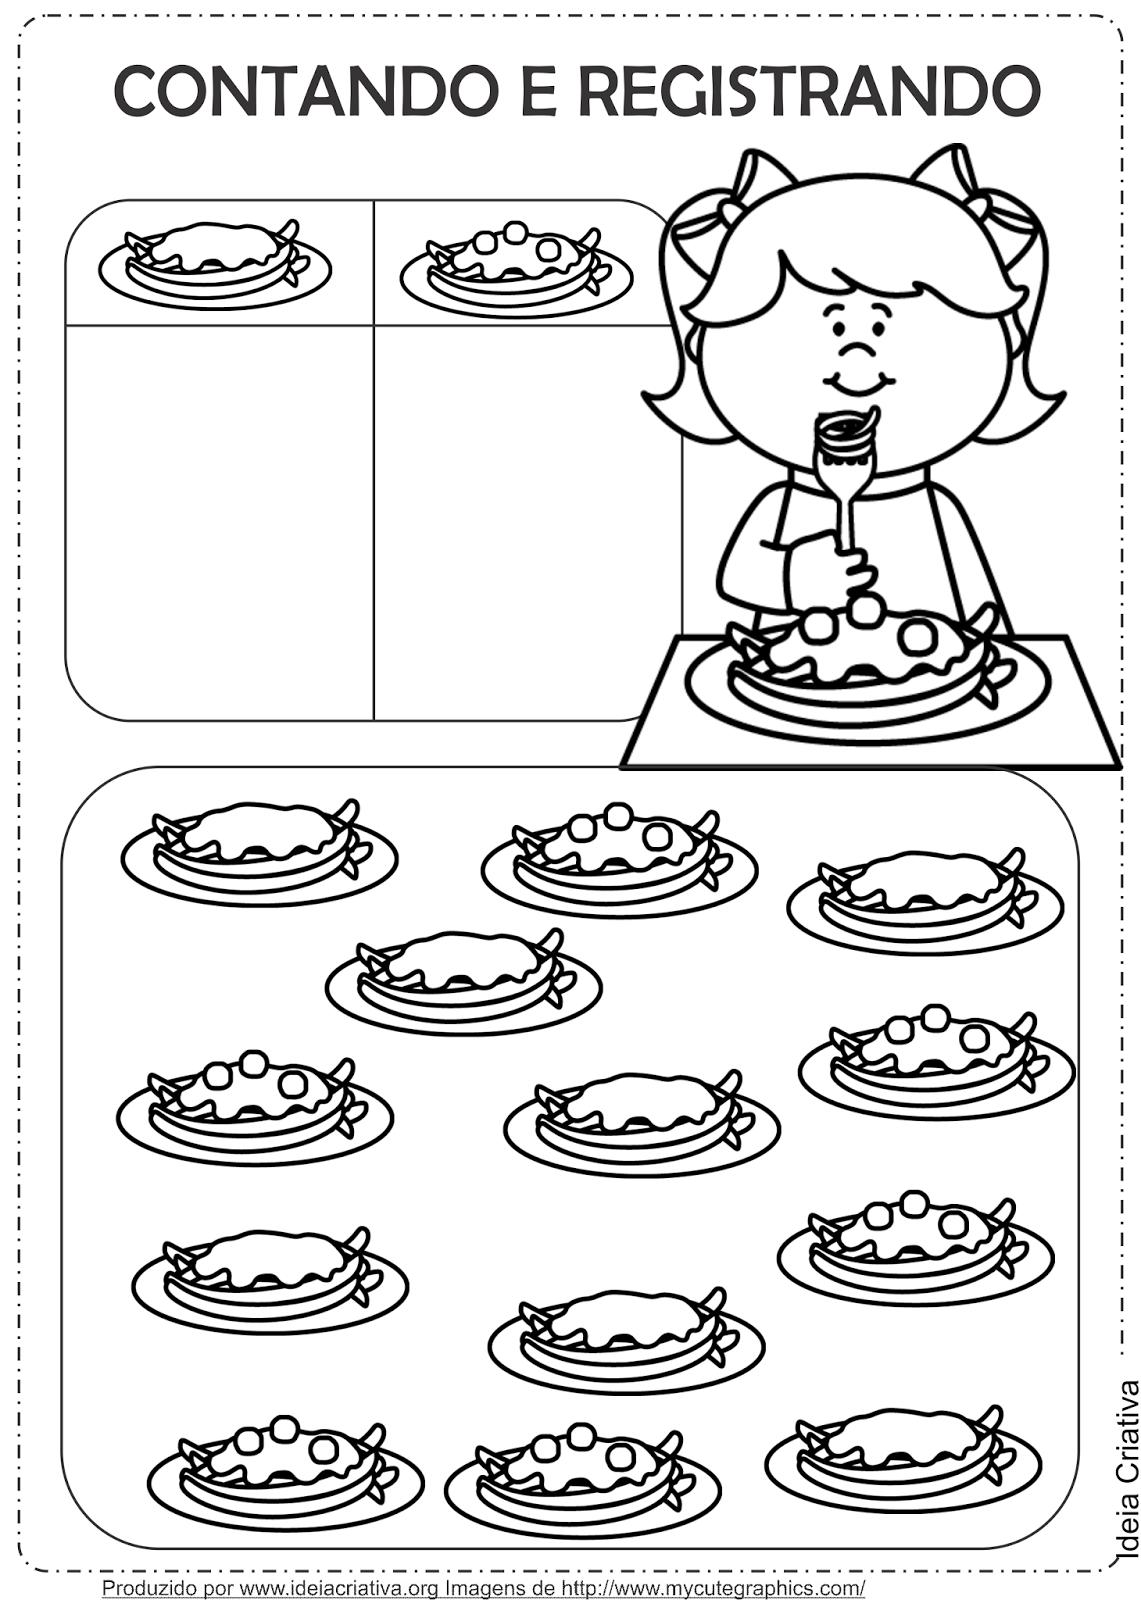 Sugestões de Atividades com Macarrãoe  e Atividades Alimentação Saudável  Contar e Registrar